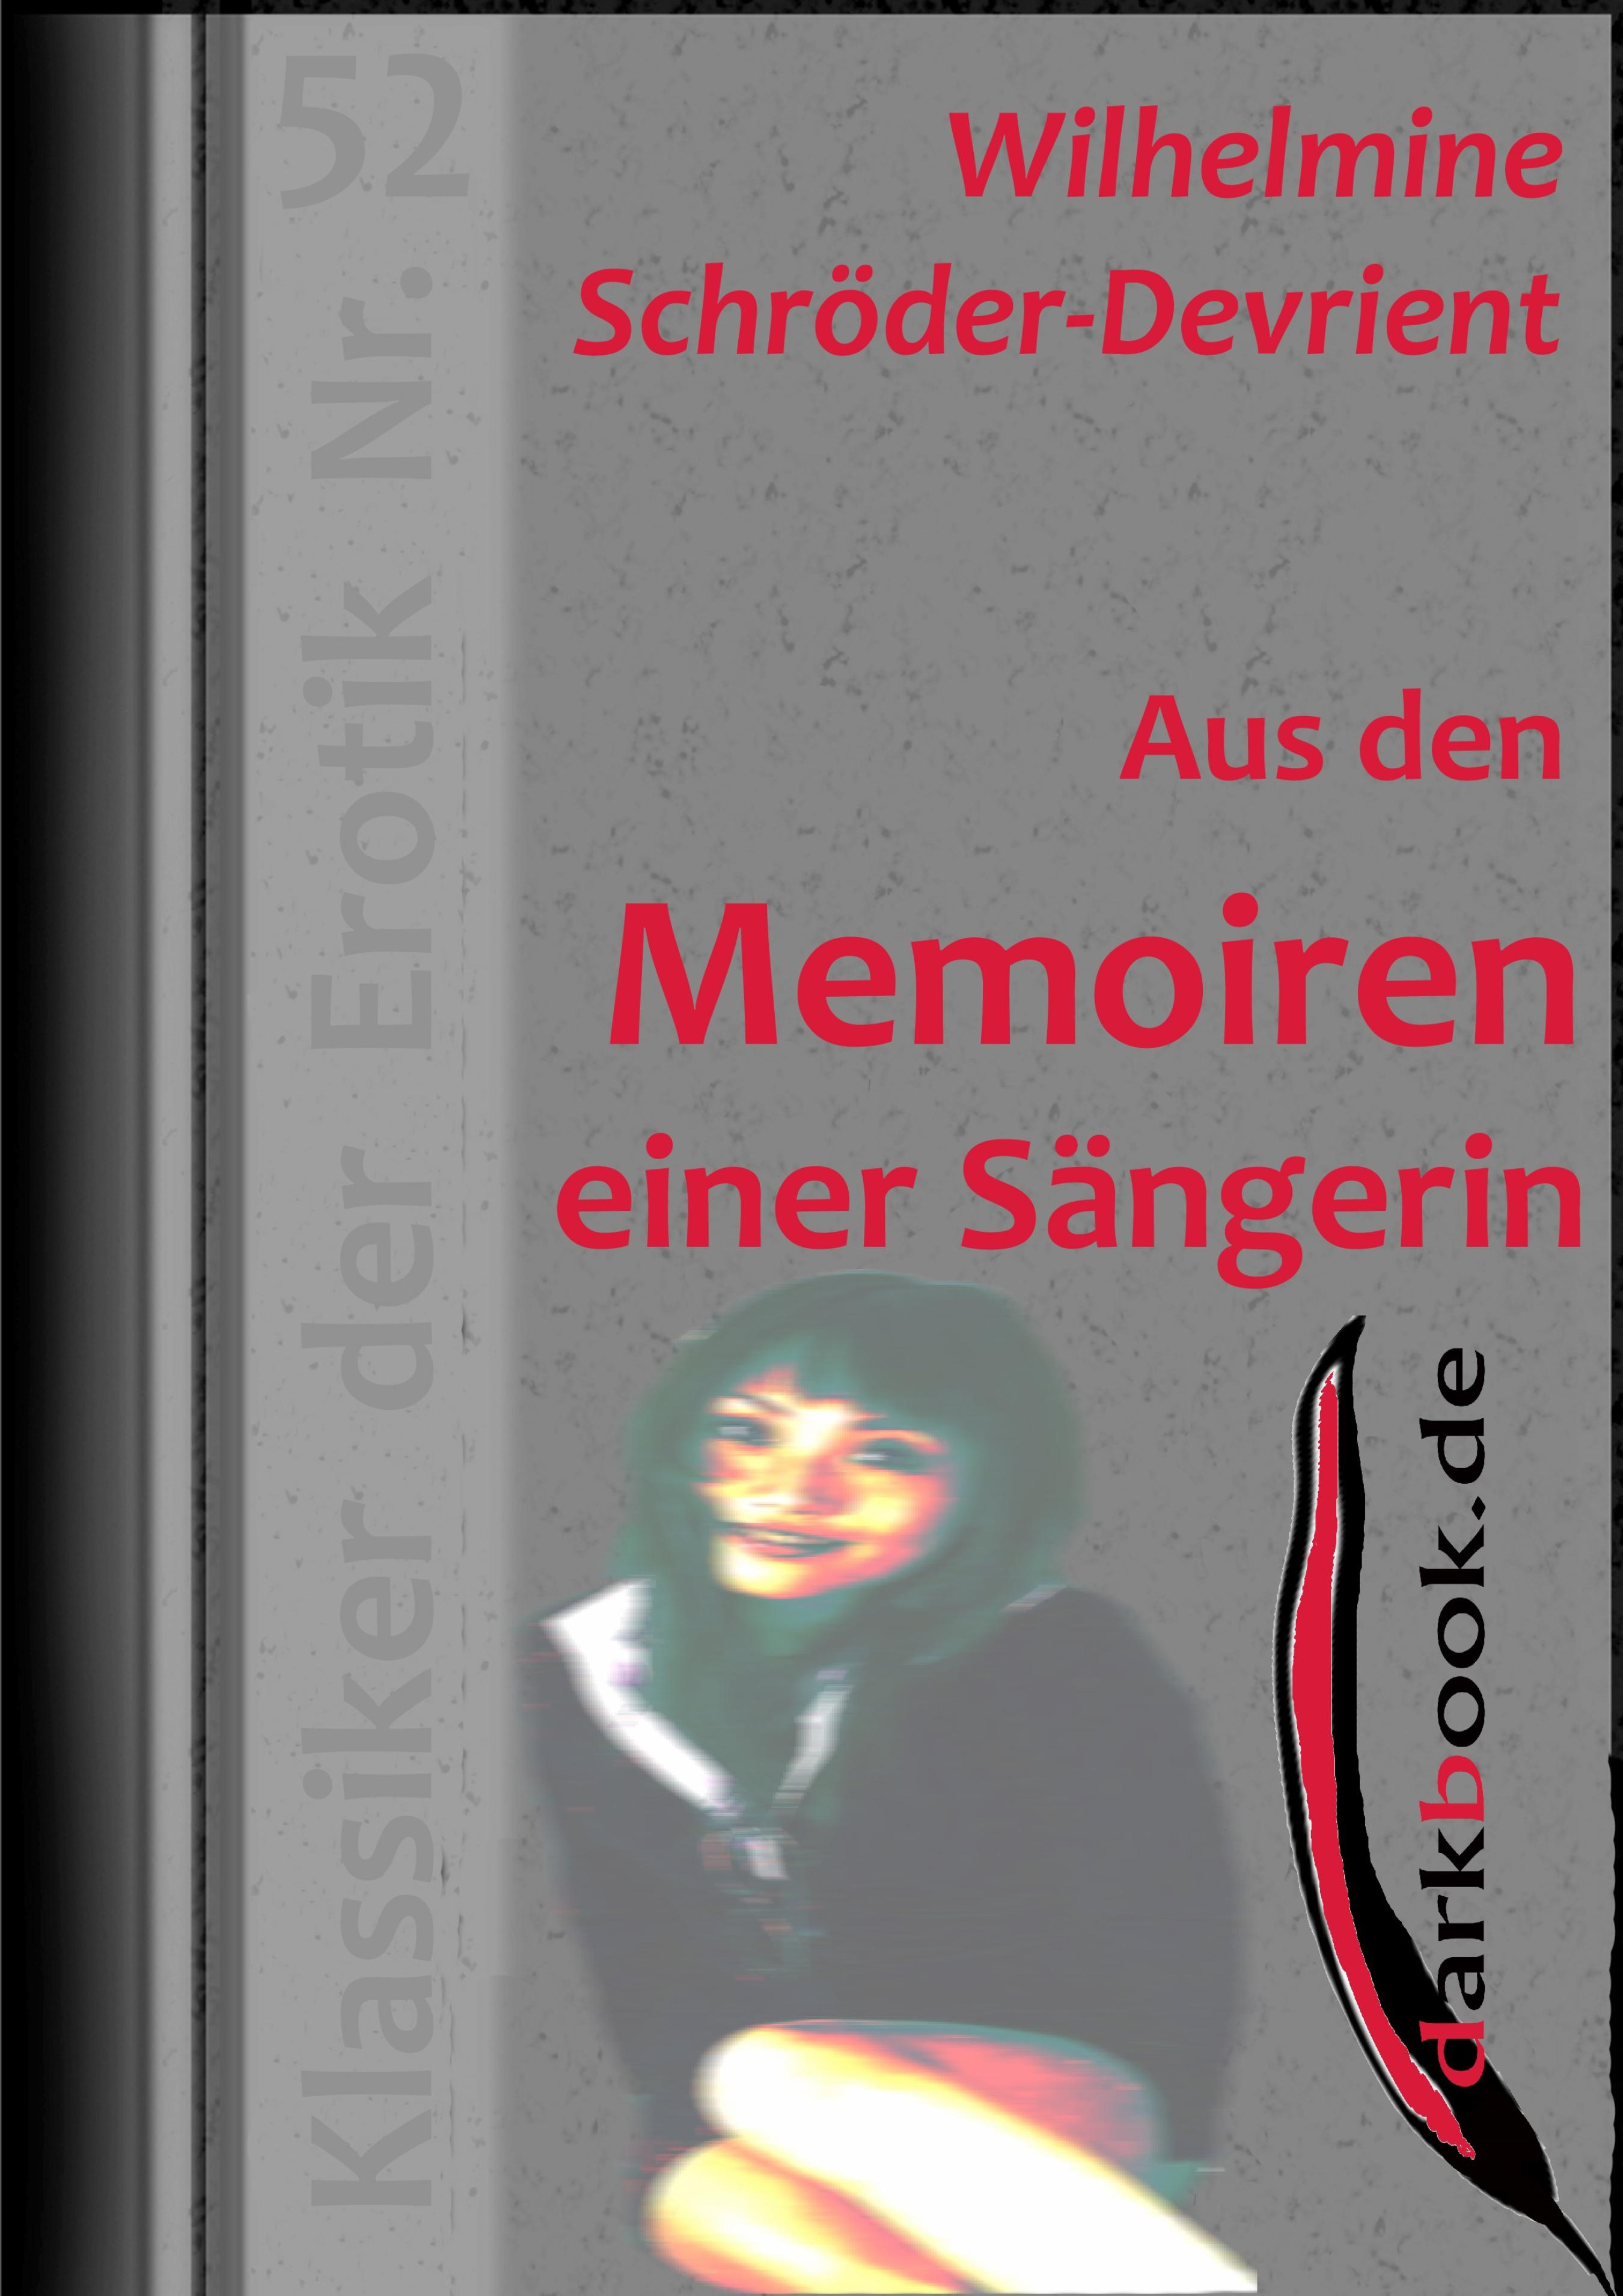 цена Wilhelmine Schröder-Devrient Aus den Memoiren einer Sängerin